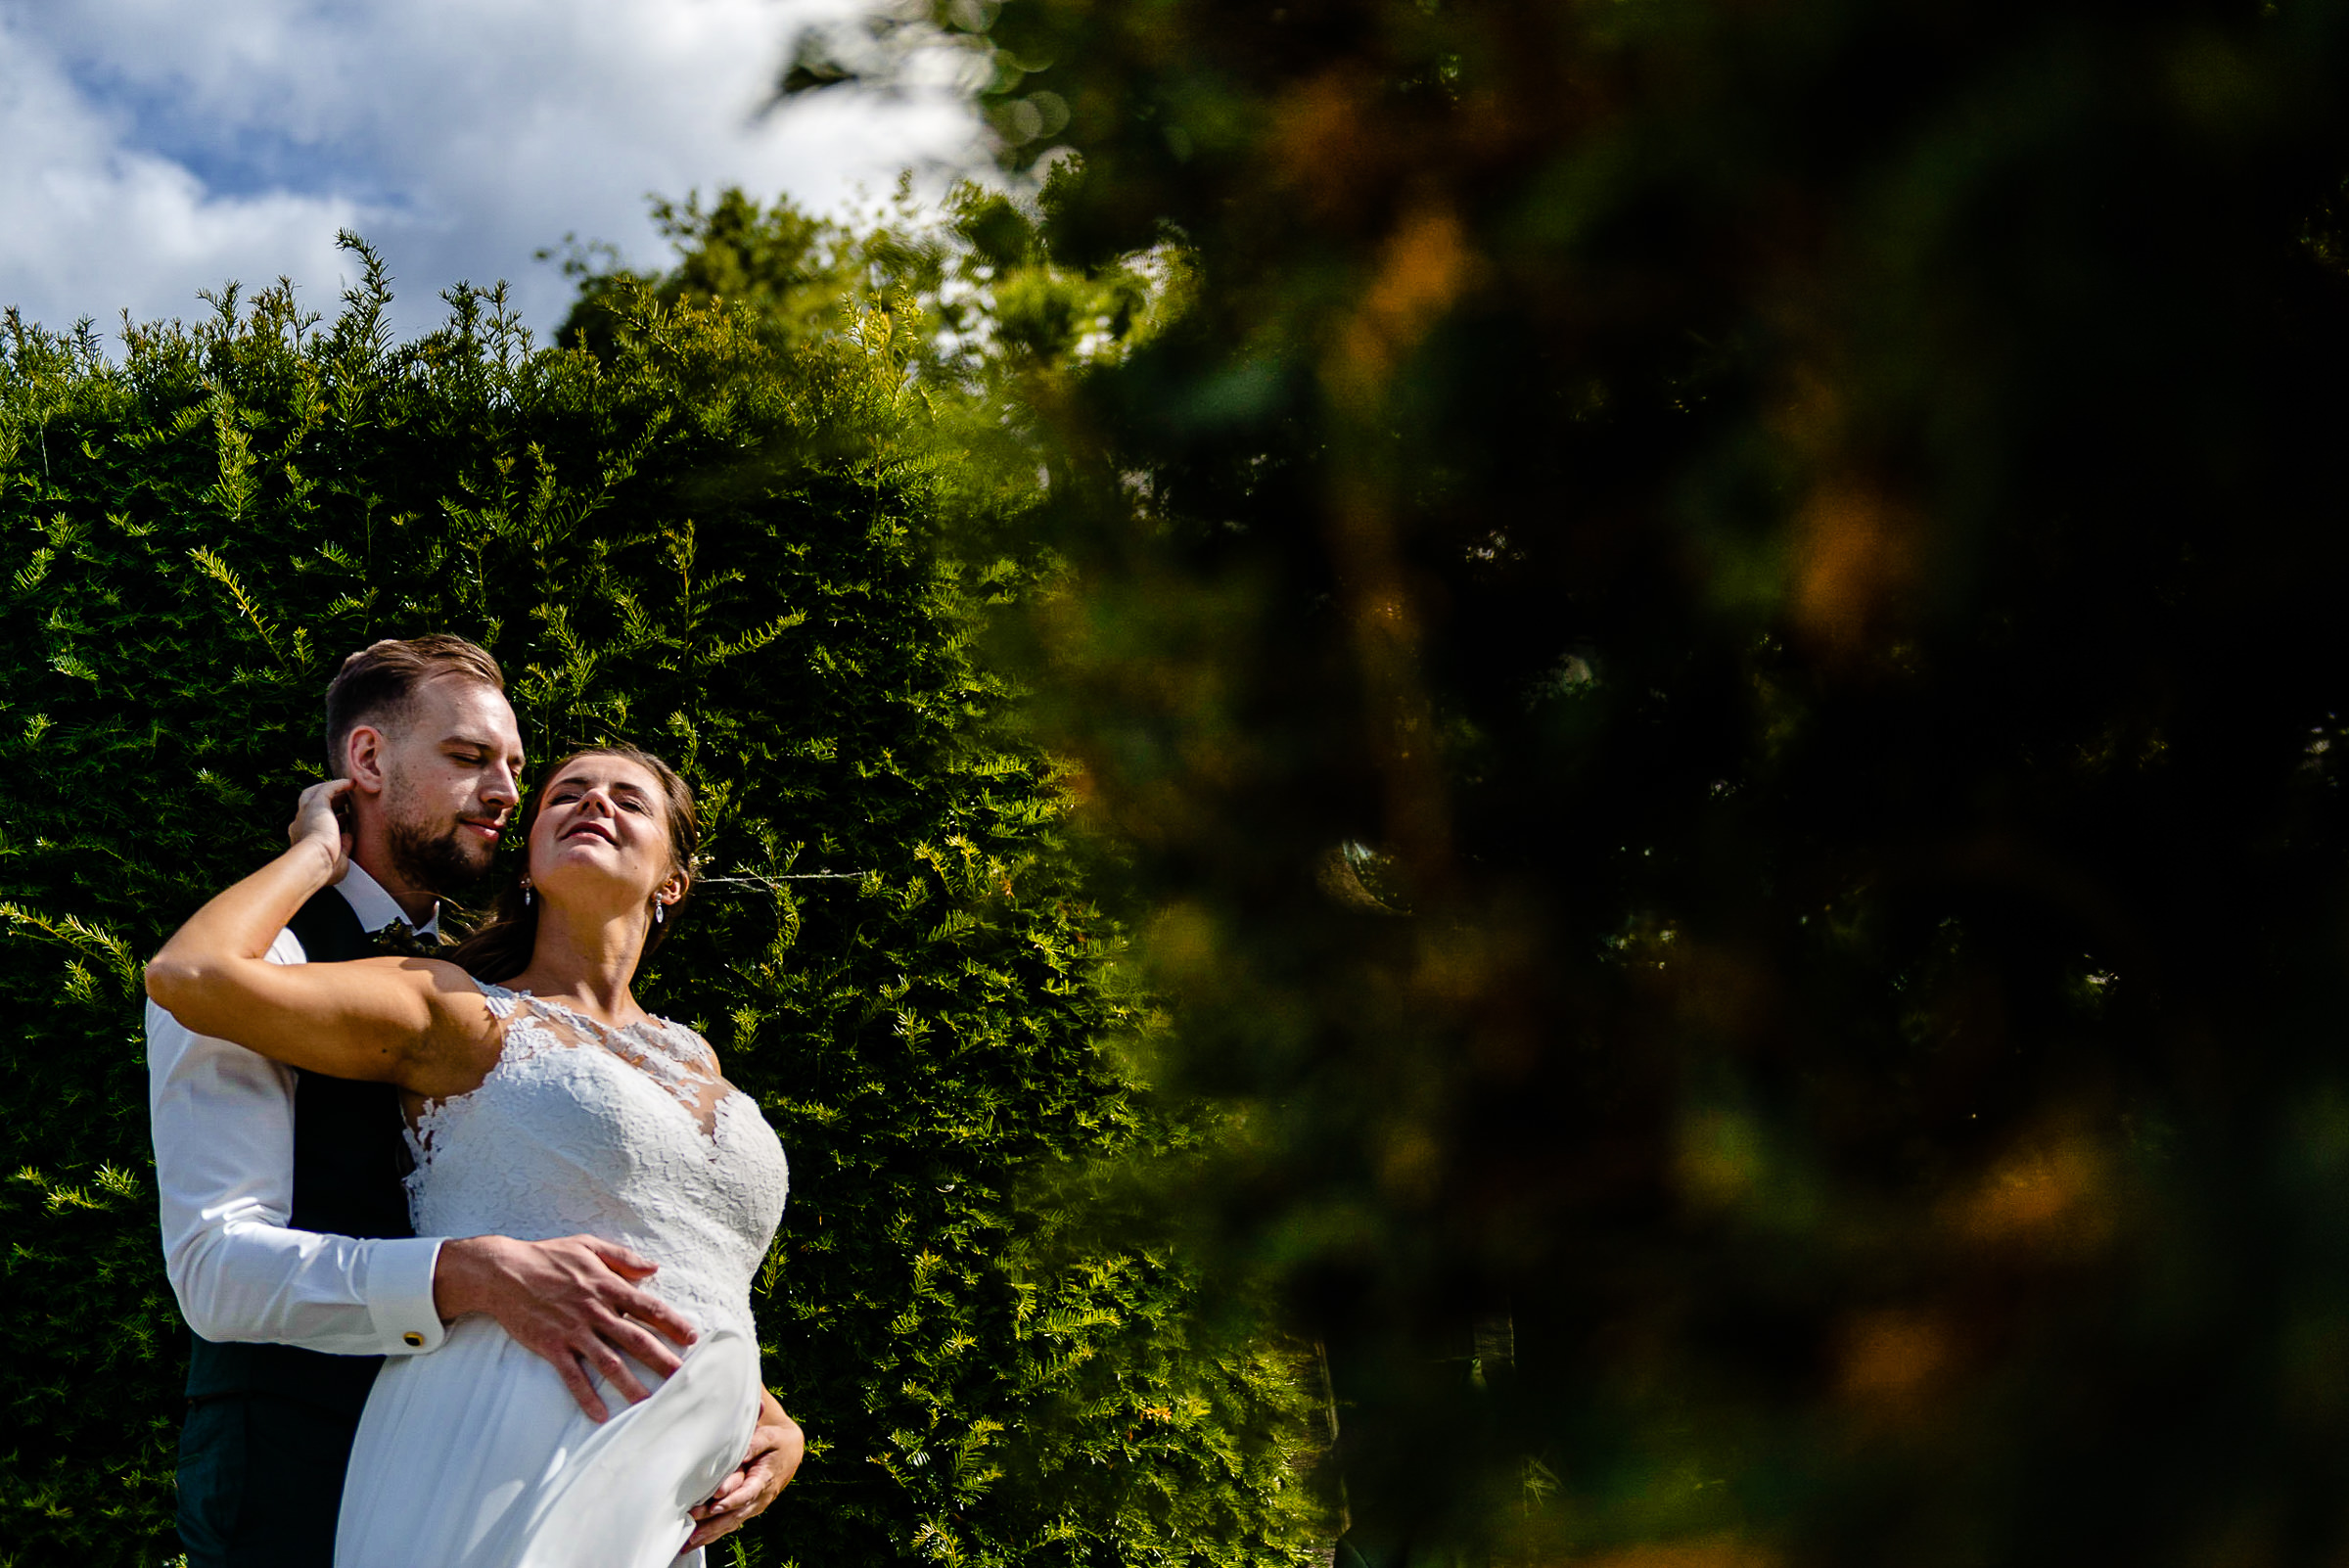 Huwelijksfotograaf Trouwfotograaf Antwerpen Limburg Oost-Vlaanderen Vlaams-Brabant West-Vlaanderen Lux